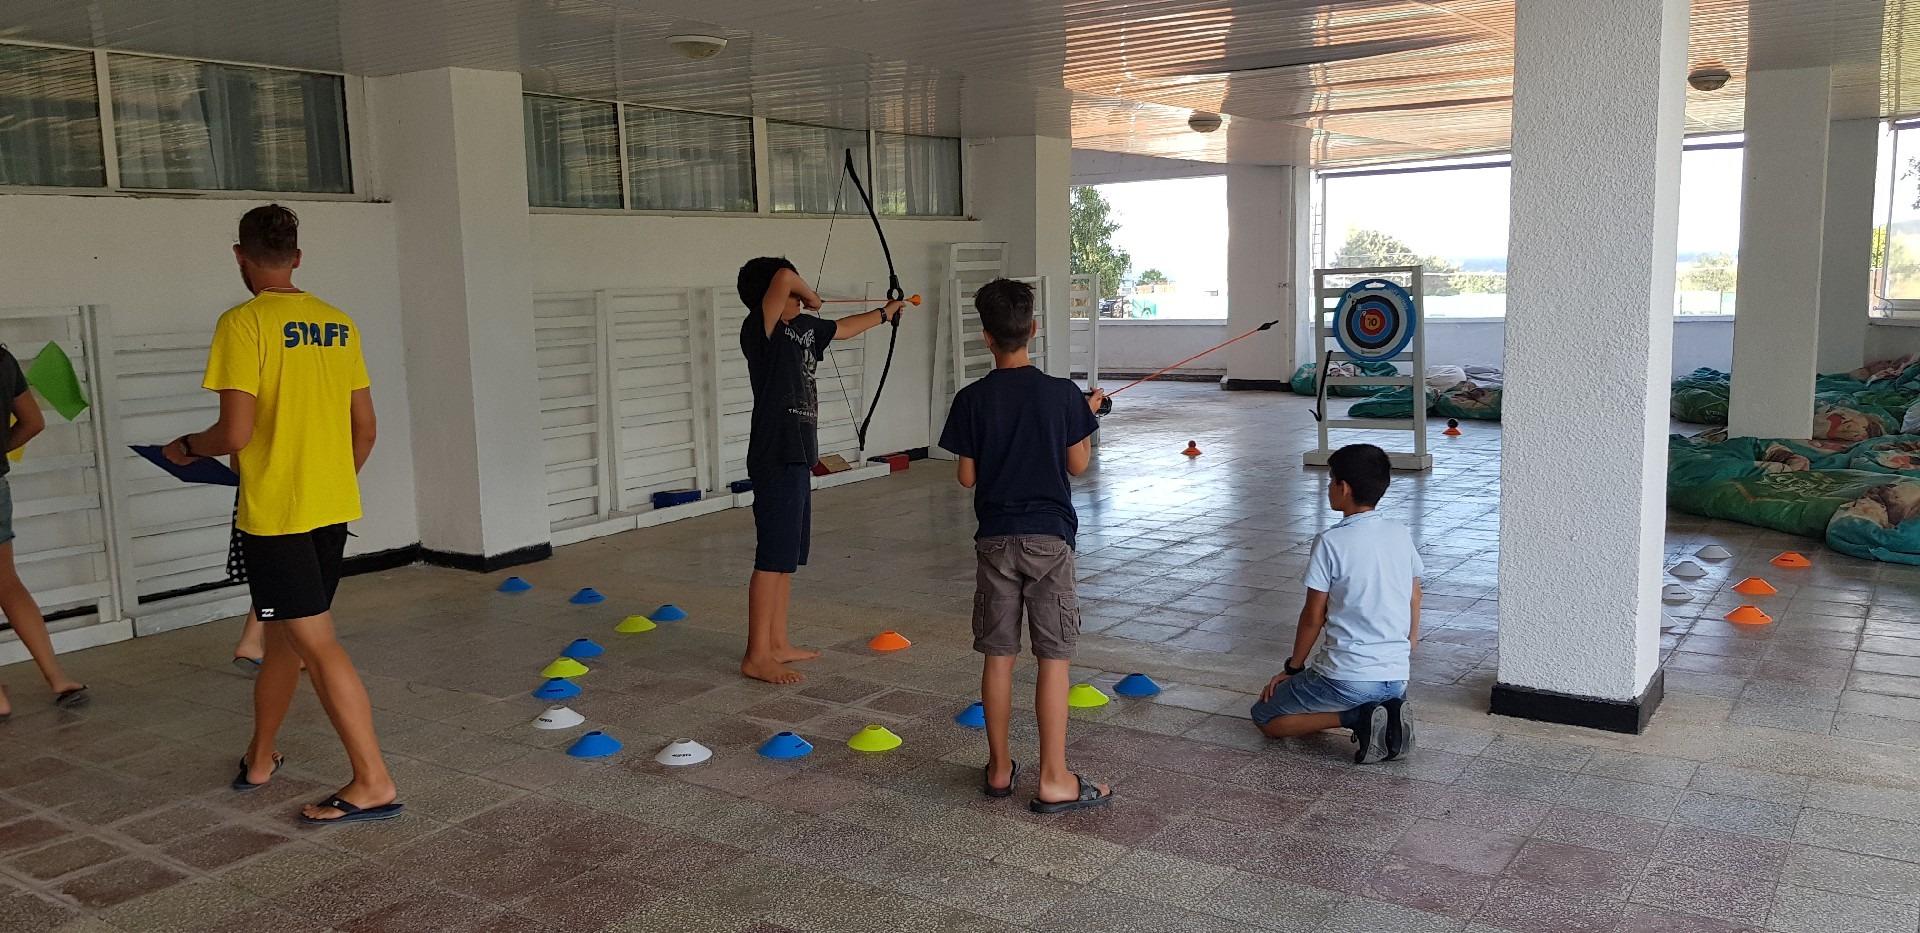 летни езикови лагери в България Z кемп, Ден 34 - стрелба с лък - три момчета играят